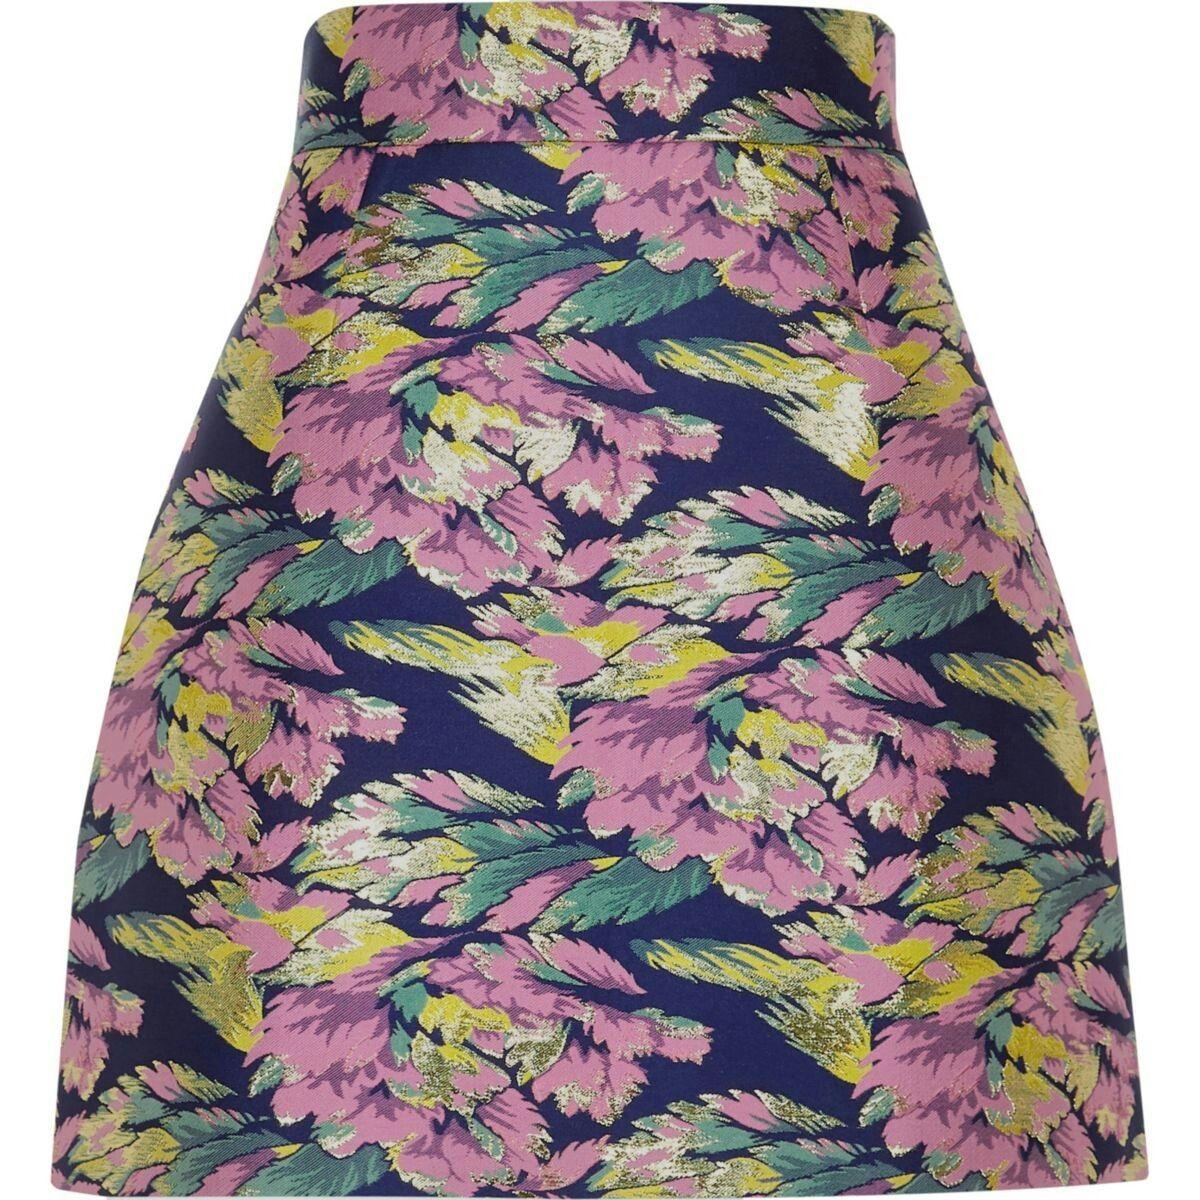 bda352a61cba Blue floral jacquard mini skirt | River Island Skirts | Mini skirts ...